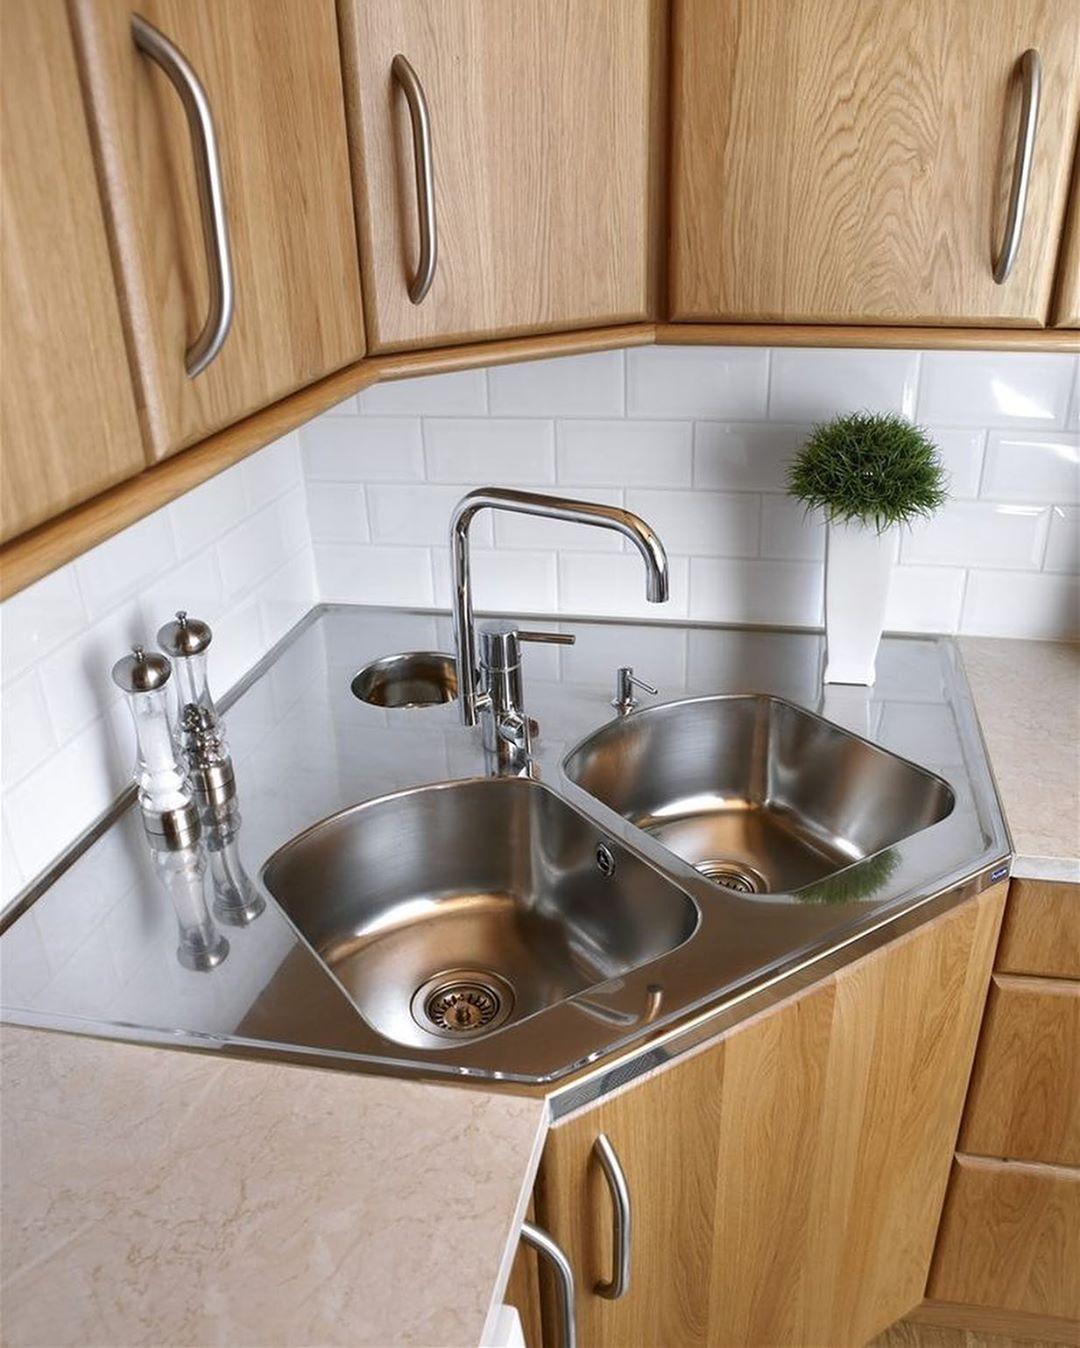 مغسلة في الزاويه رايكم للاعلان ب ٣٥ ريال فقط الرشاقة والجمال Kitchen Interior Design Decor Kitchen Sink Design Kitchen Furniture Design